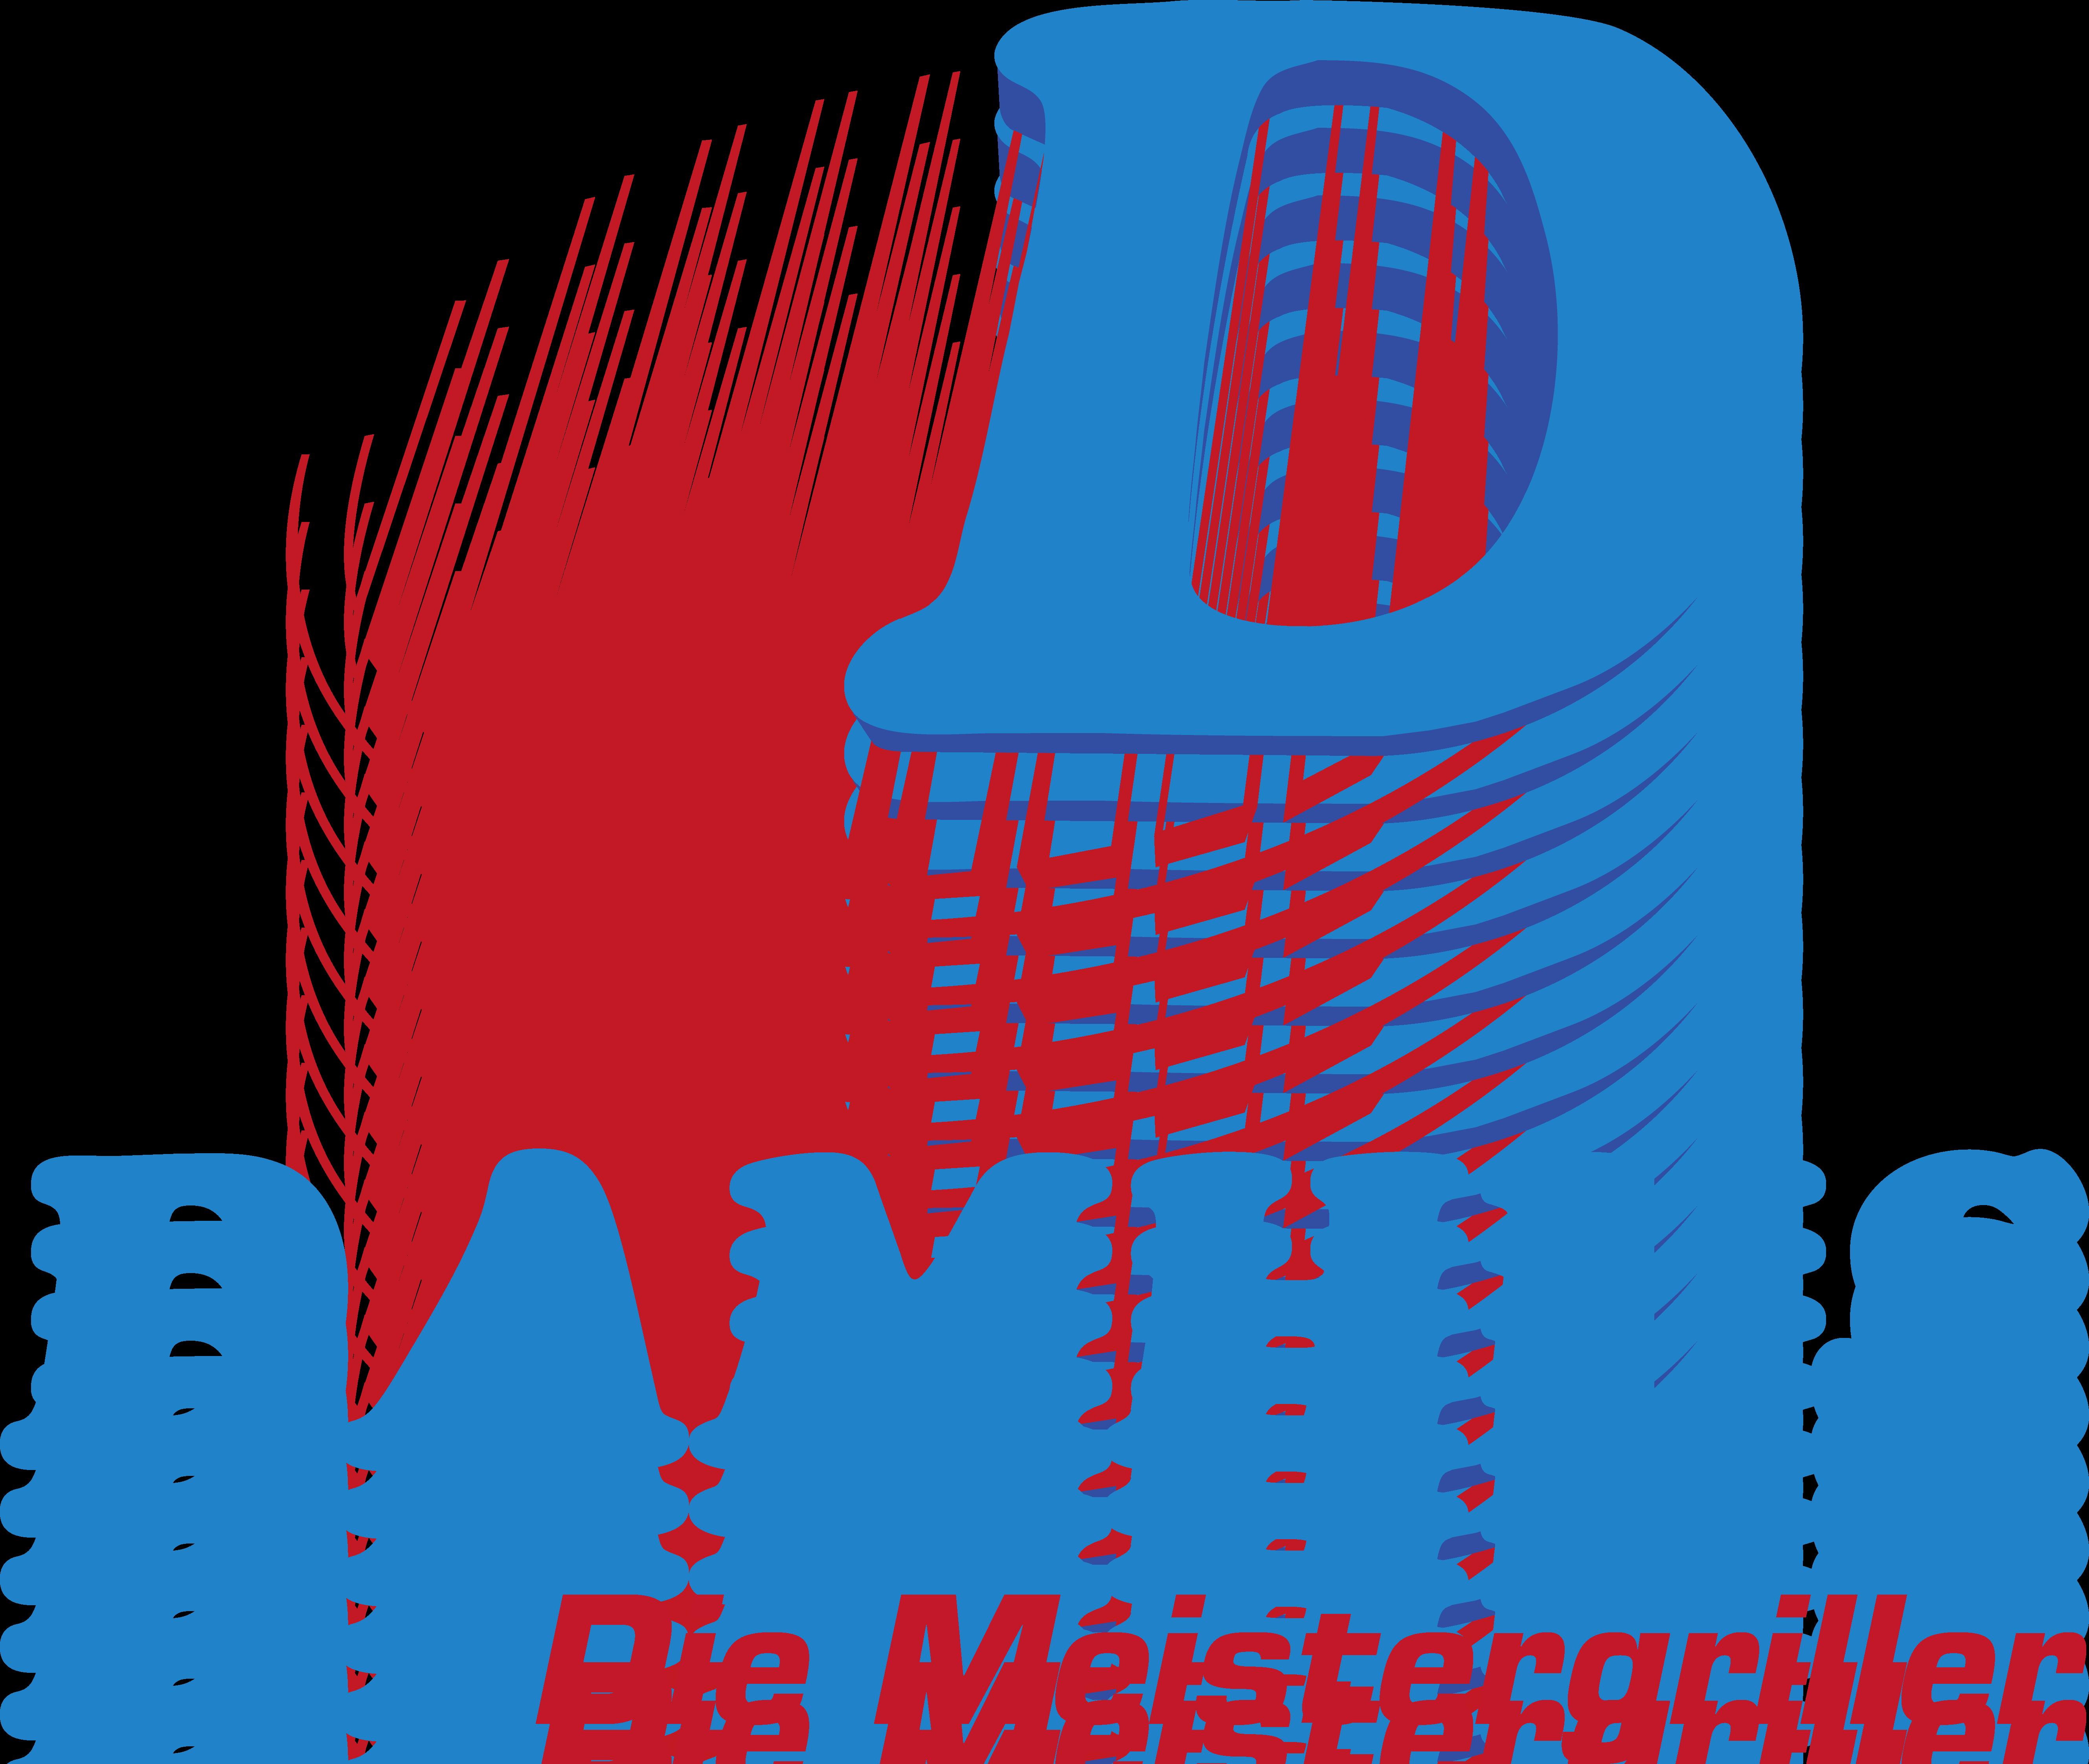 Damhus Würstchen